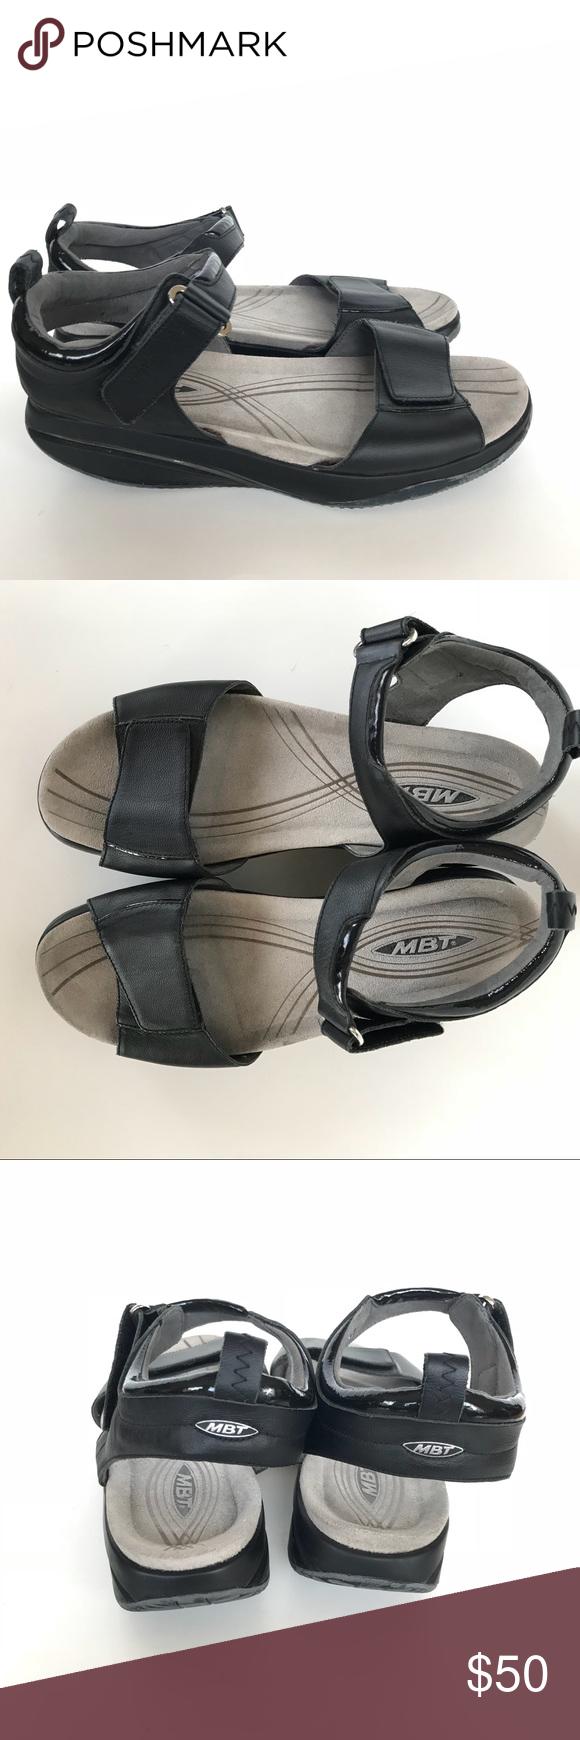 31250cdaf8d3 MBT black Pia Rocker toning sandals